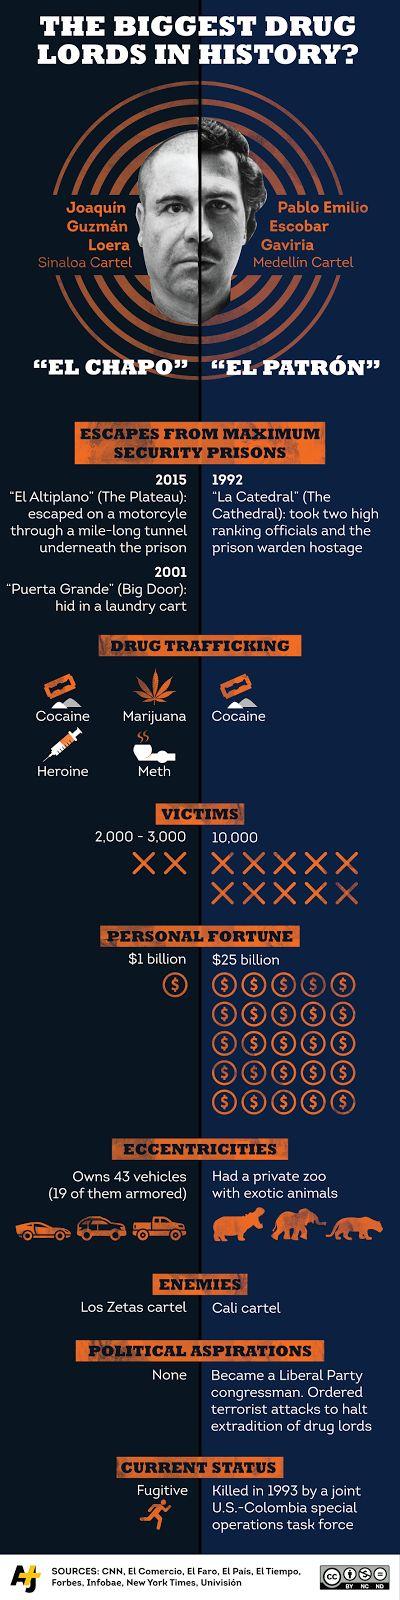 Los más grandes reyes del narcotráfico en la historia moderna: Pablo Escobar VS Chapo Guzmán - Freelance Social Blog